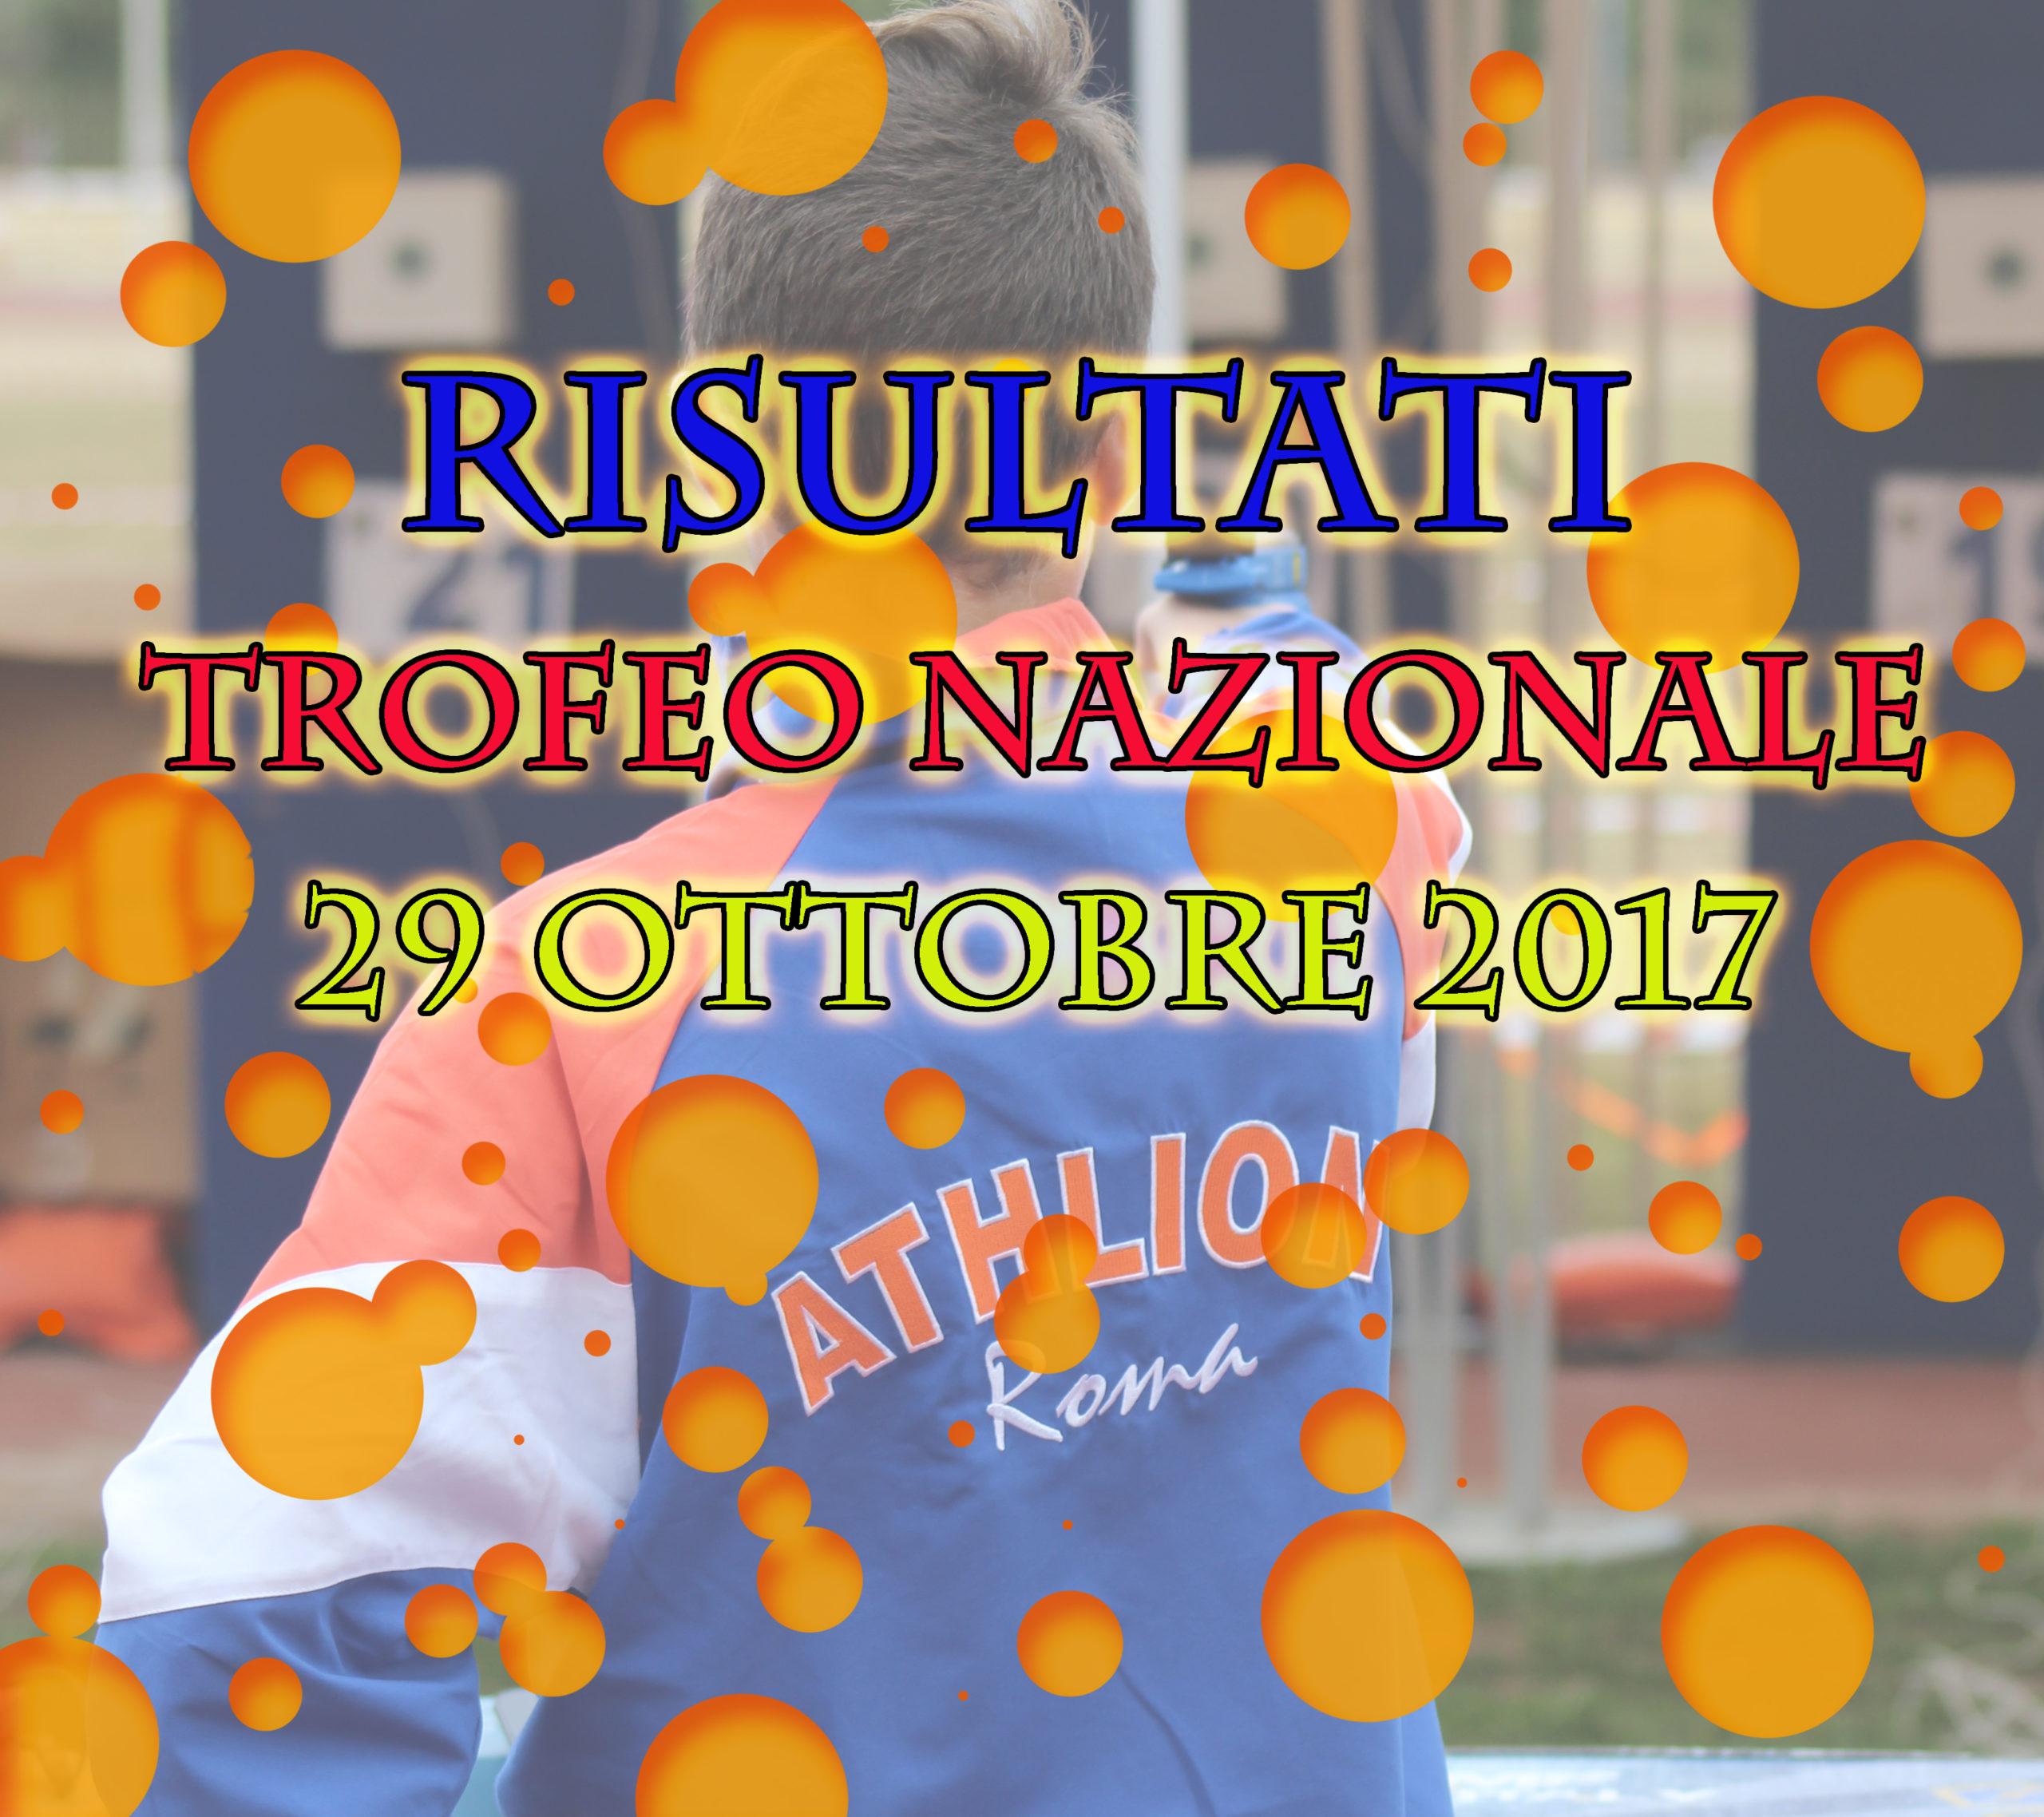 TROFEO NAZIONALE 29/10/2017